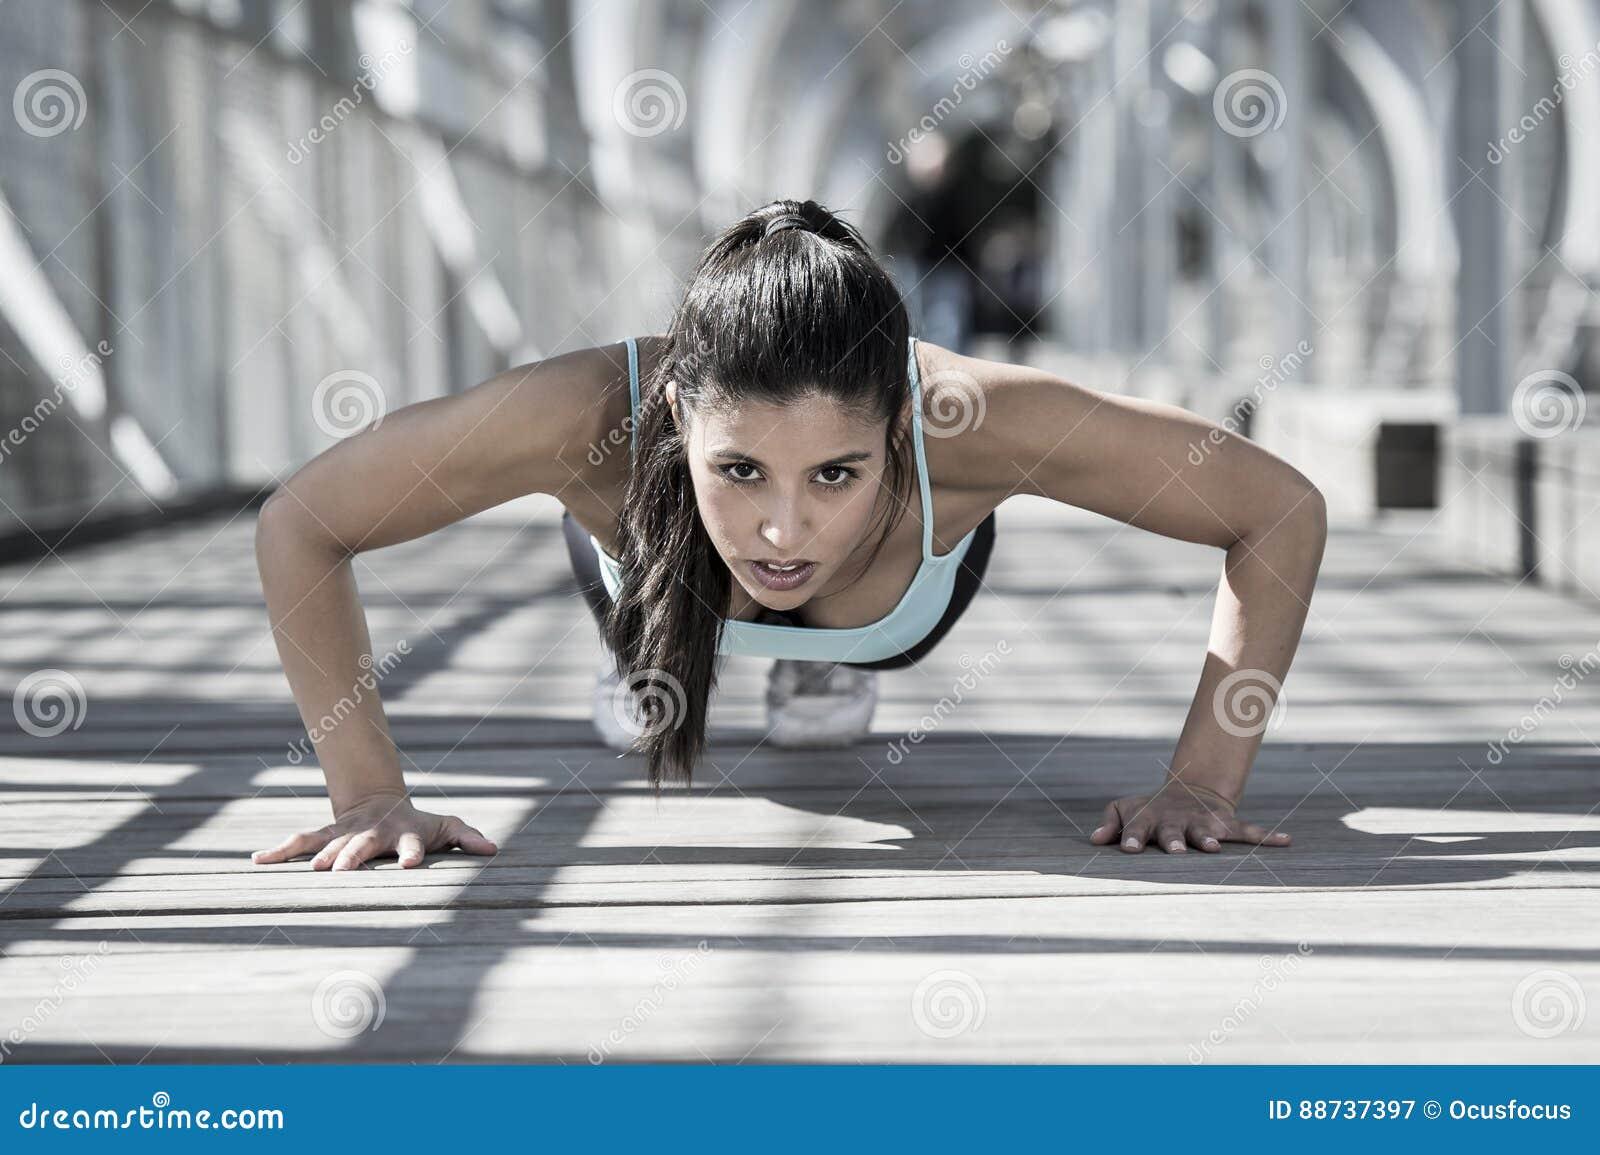 Делать женщины атлетического спорта нажимает вверх перед бежать в городской разминке тренировки